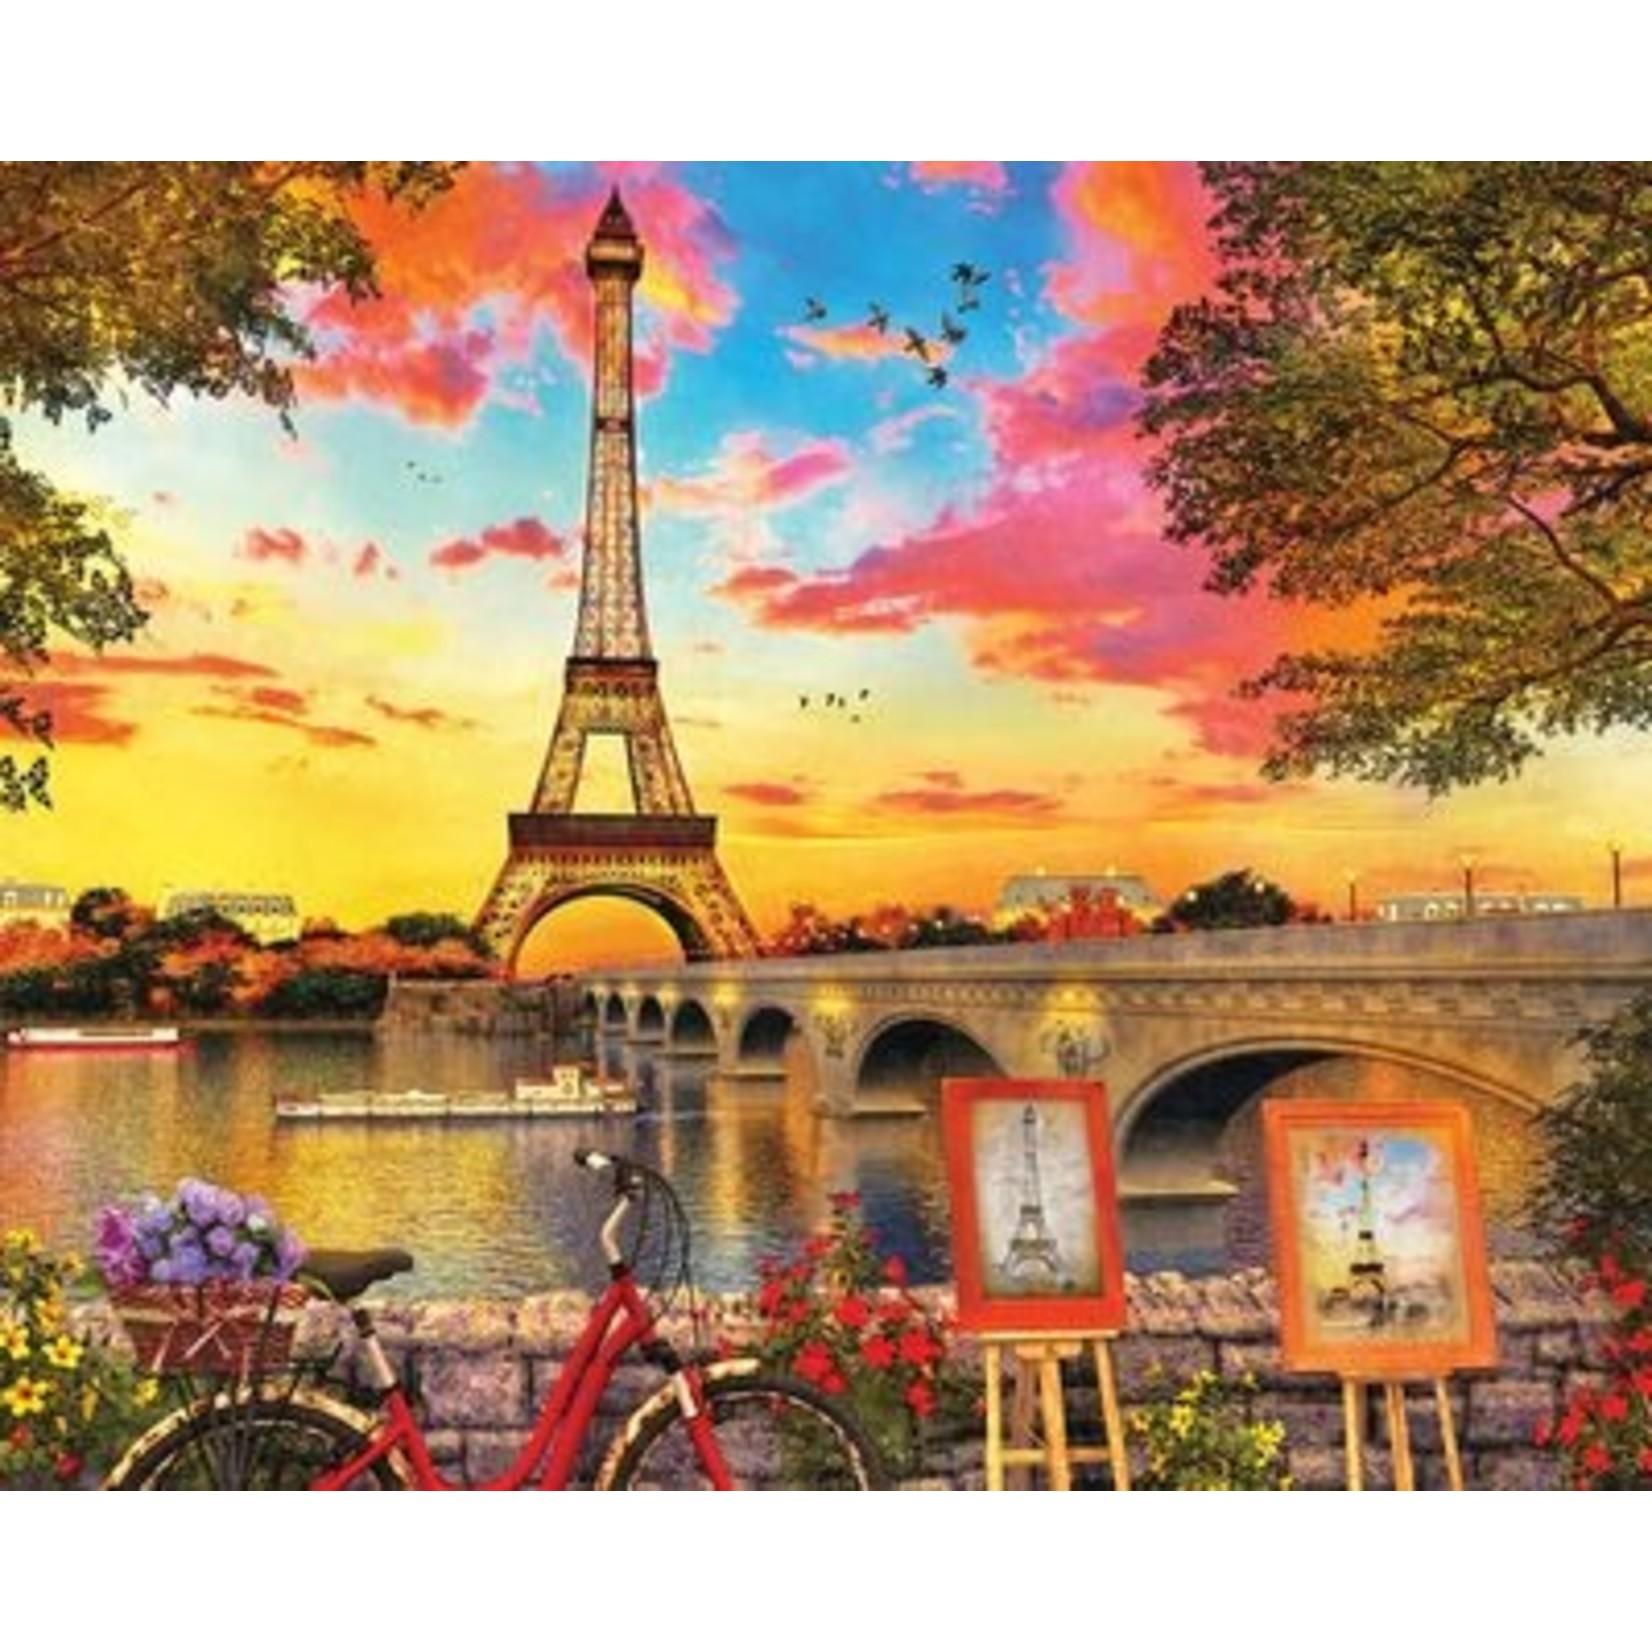 Paris Sunset 1000 Piece Puzzle